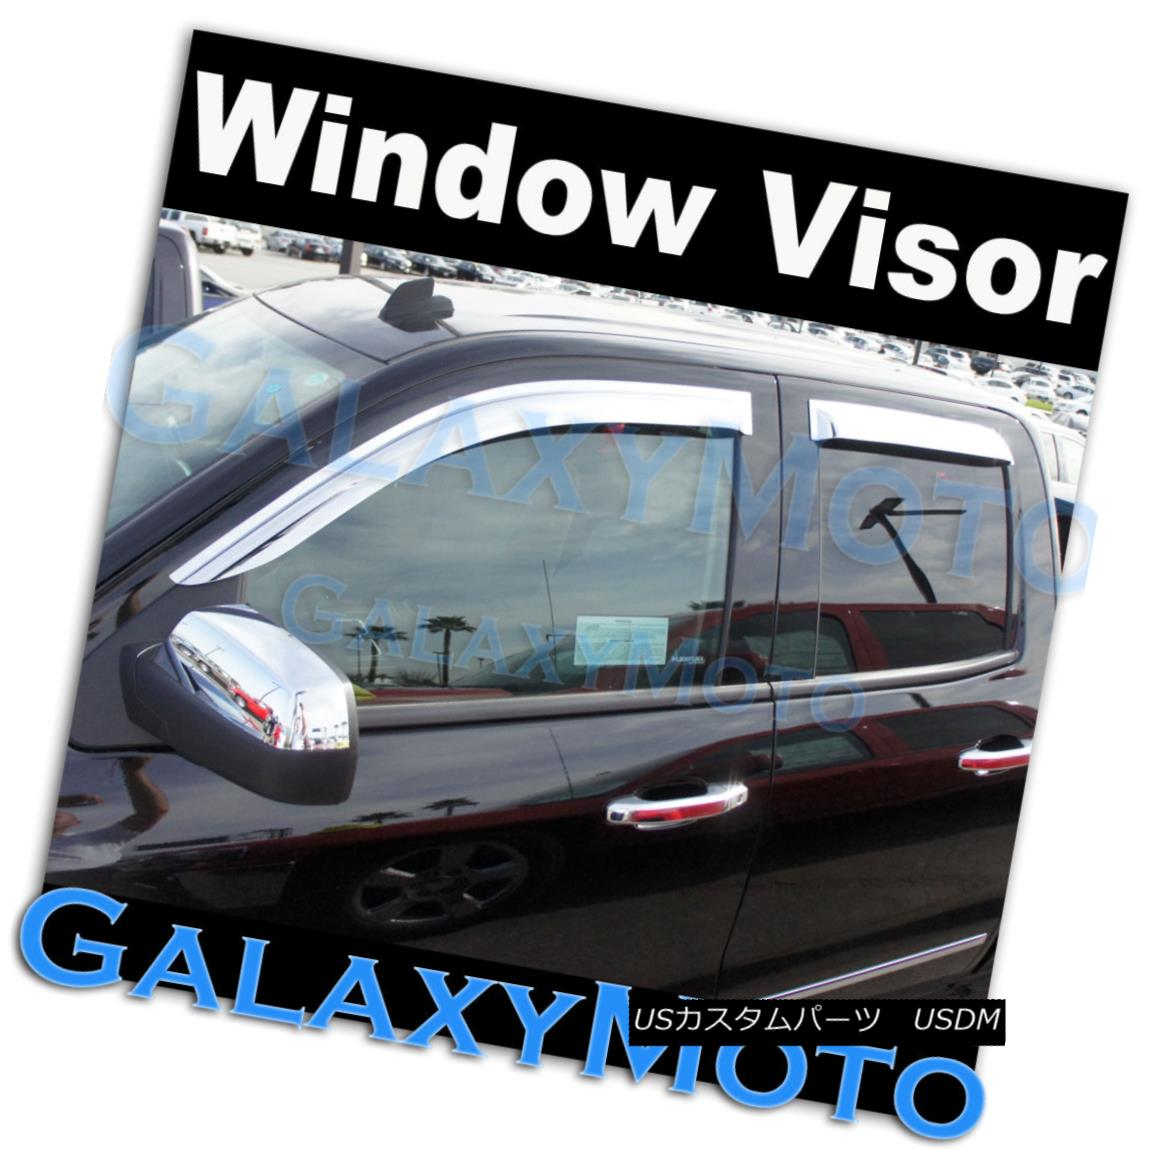 グリル 14-15 GMC Sierra 1500 Extended Cab Chrome 4 Door Window Visor Rain Sun Guard 14-15 GMC Sierra 1500拡張キャブクロム4ドアウィンドウバイザーレインサンガード